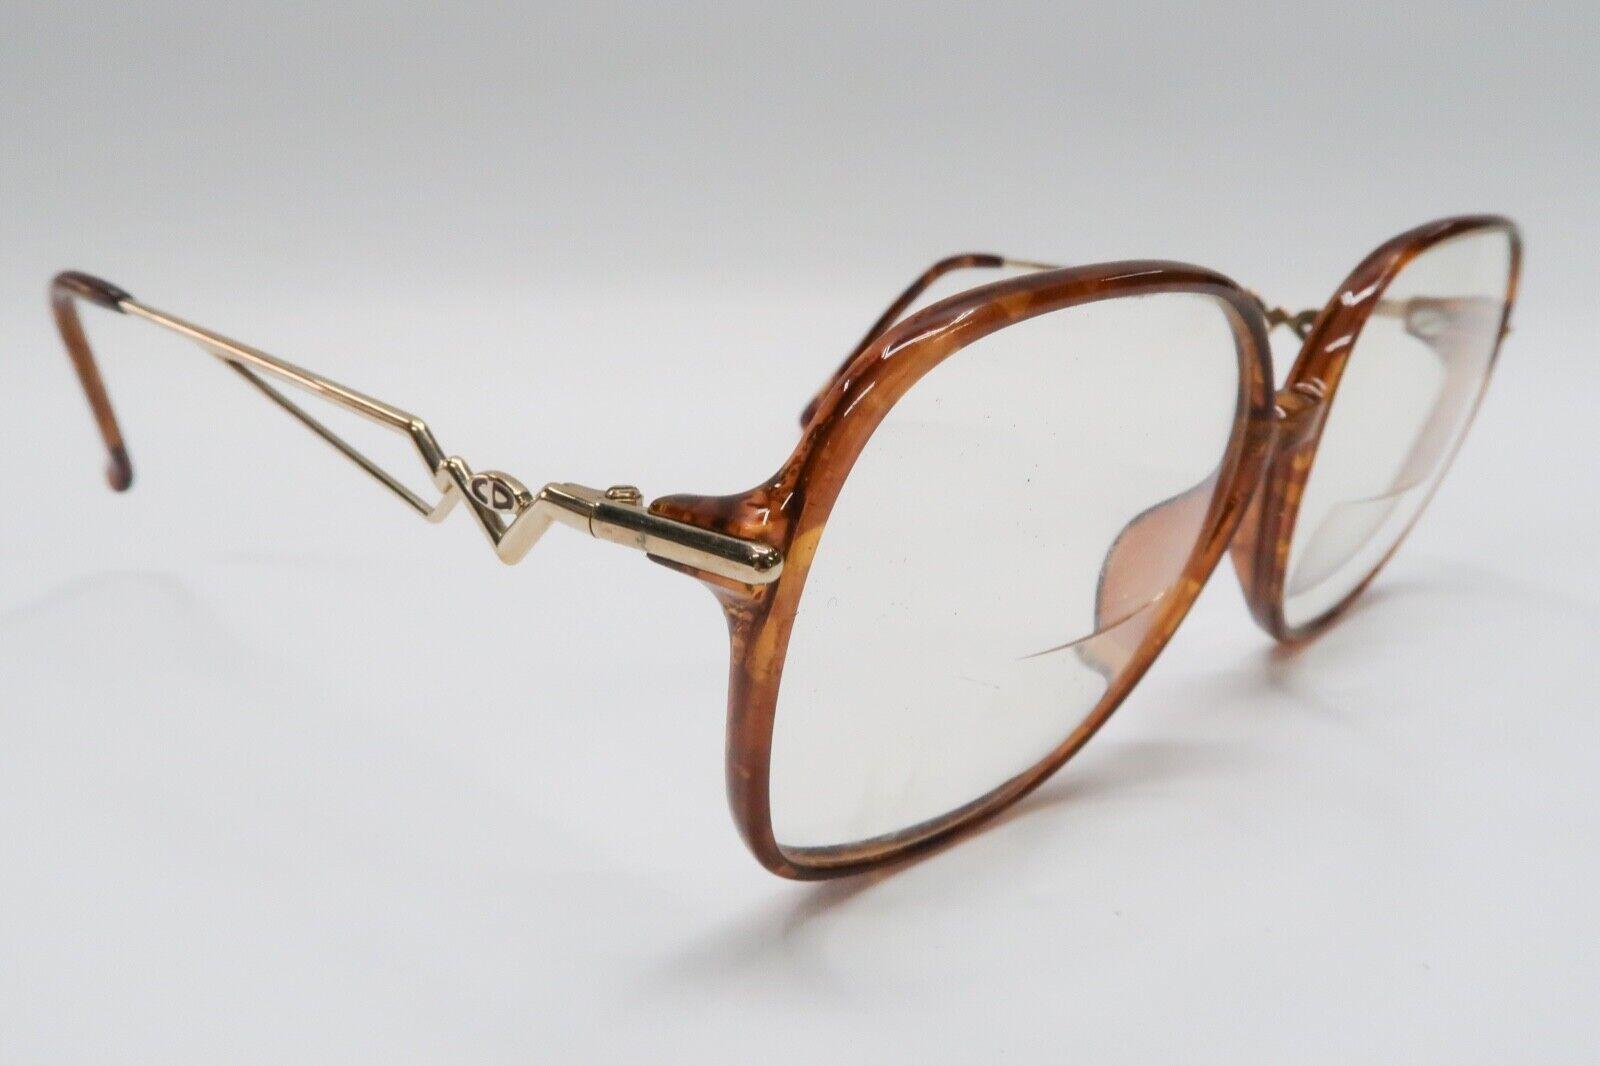 Vtg Christian Dior 2544 Rx Eyeglasses Frames 58[]14-135 Brown Gold Tortoise A529